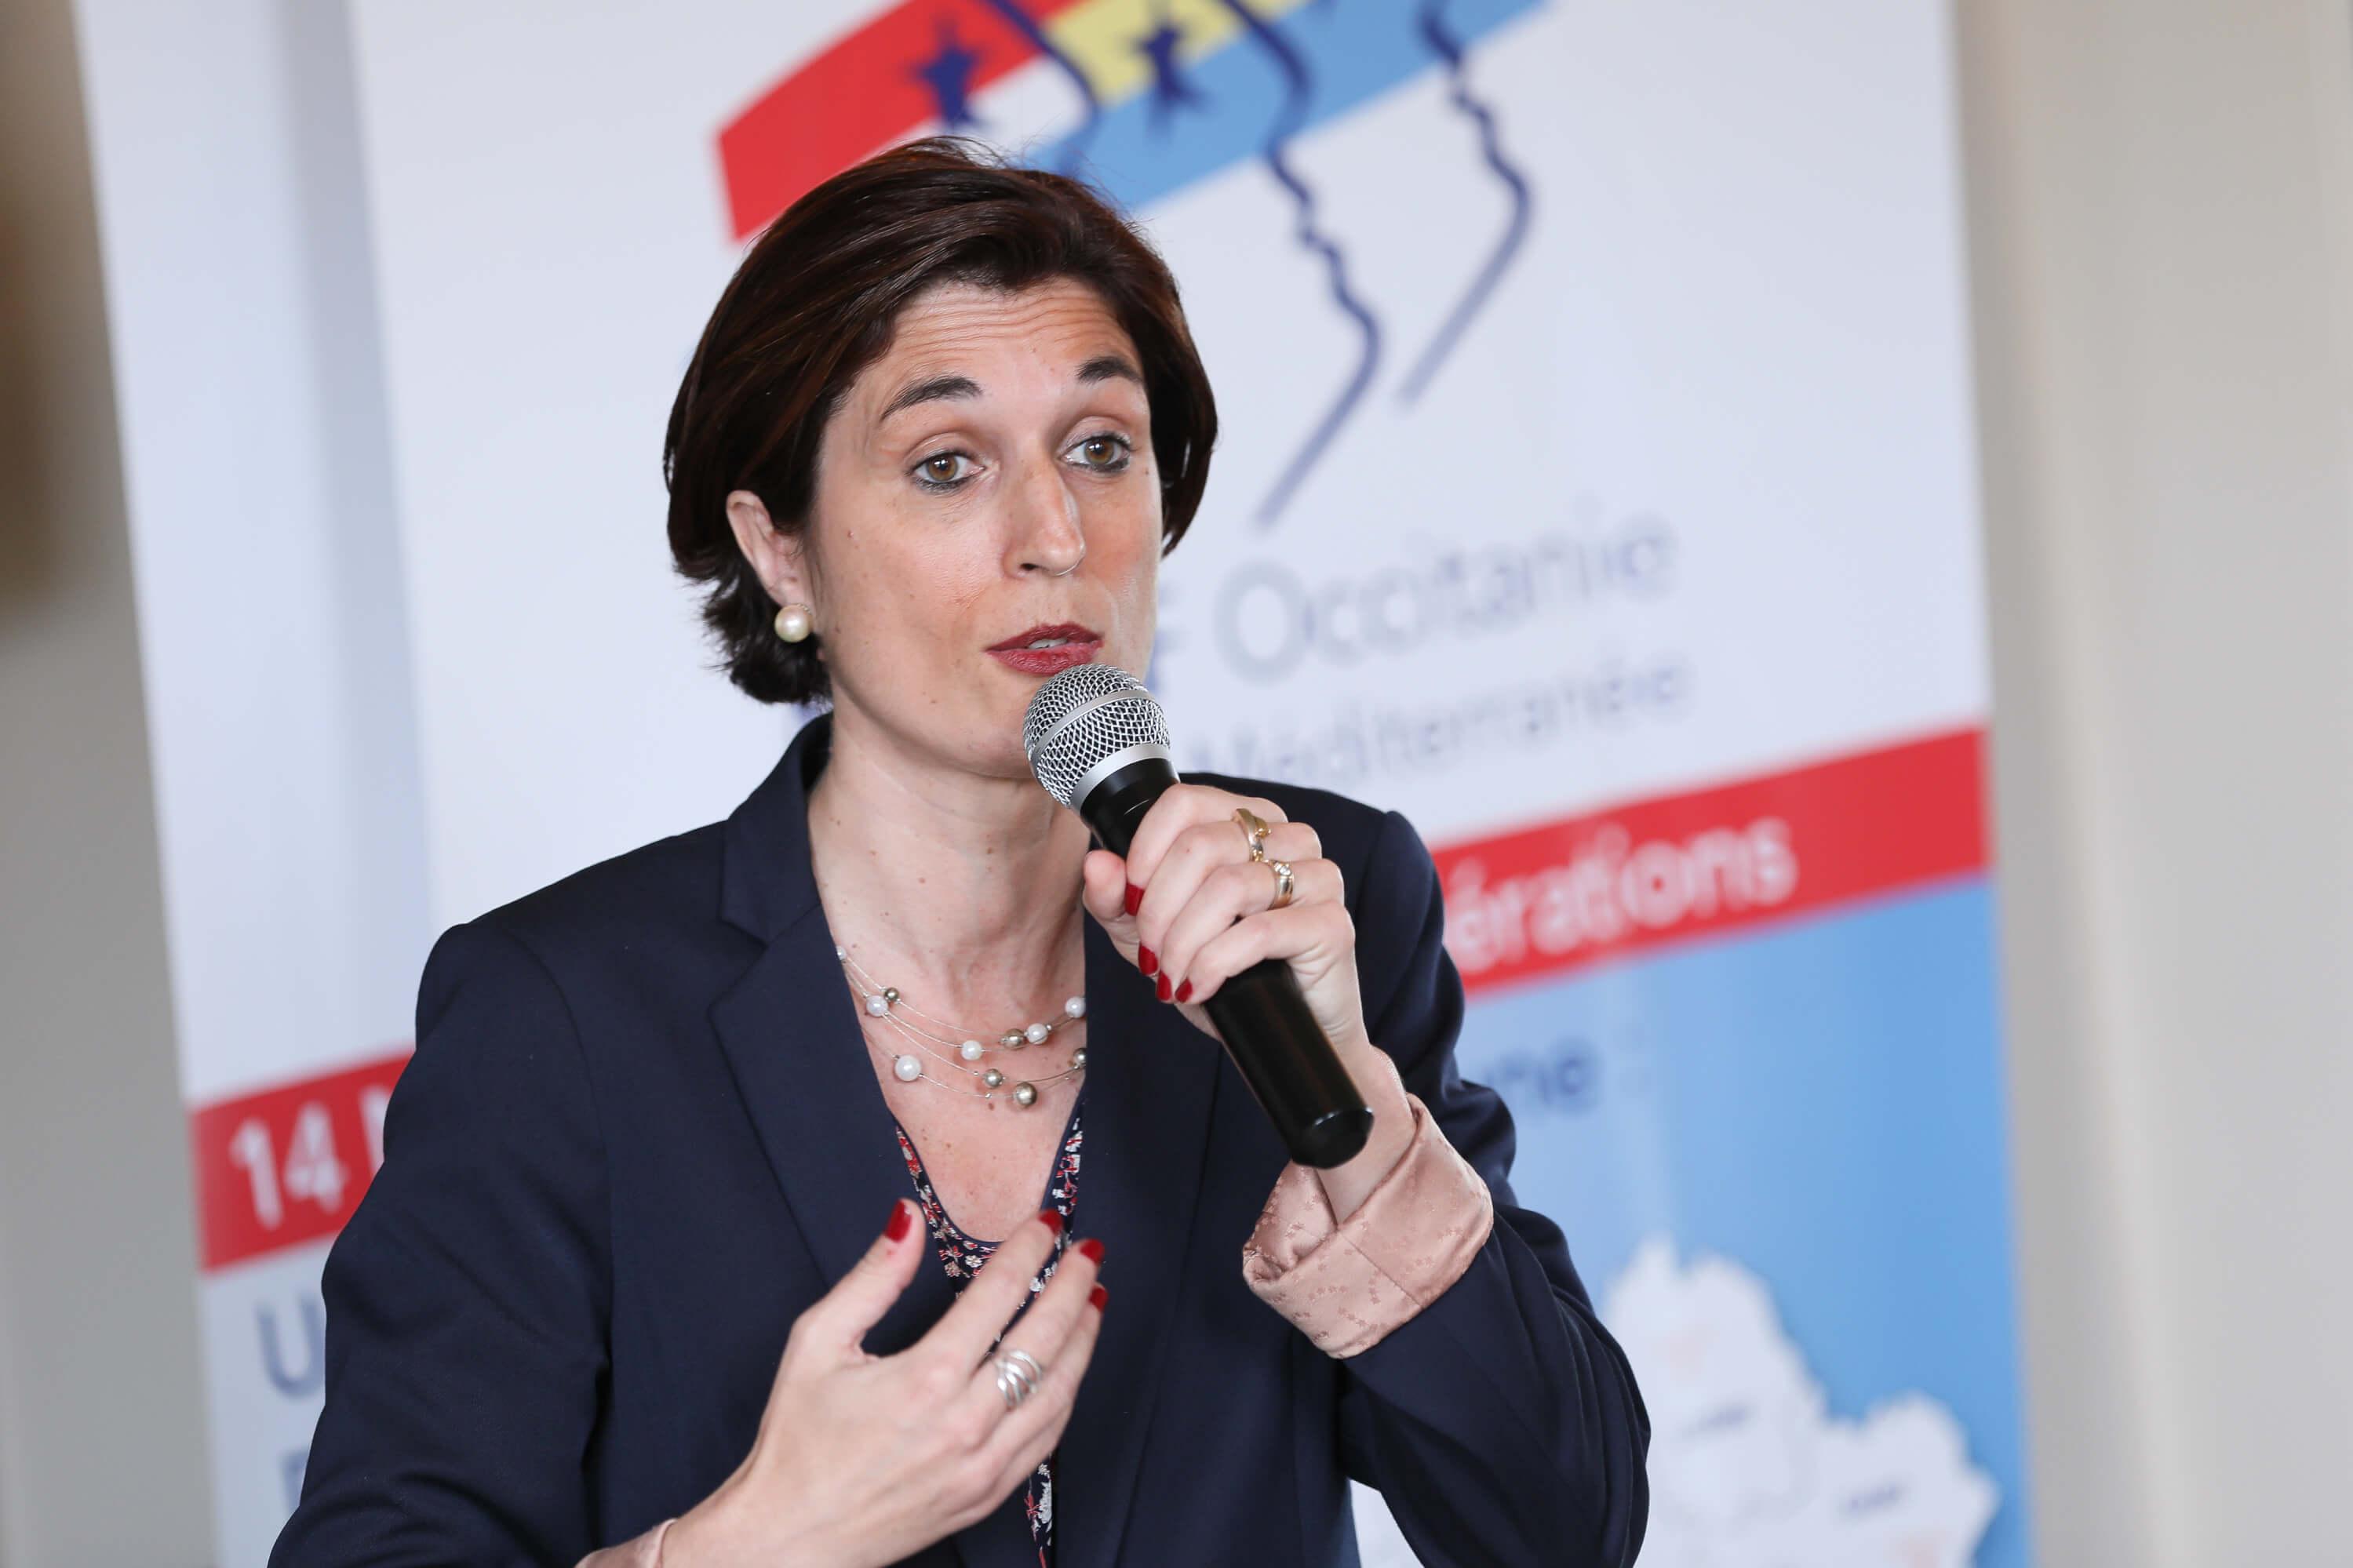 Sophie GARCIA, Présidente du MEDEF Occitanie, invitée 20eme édition des Rencontres d'Occitanie